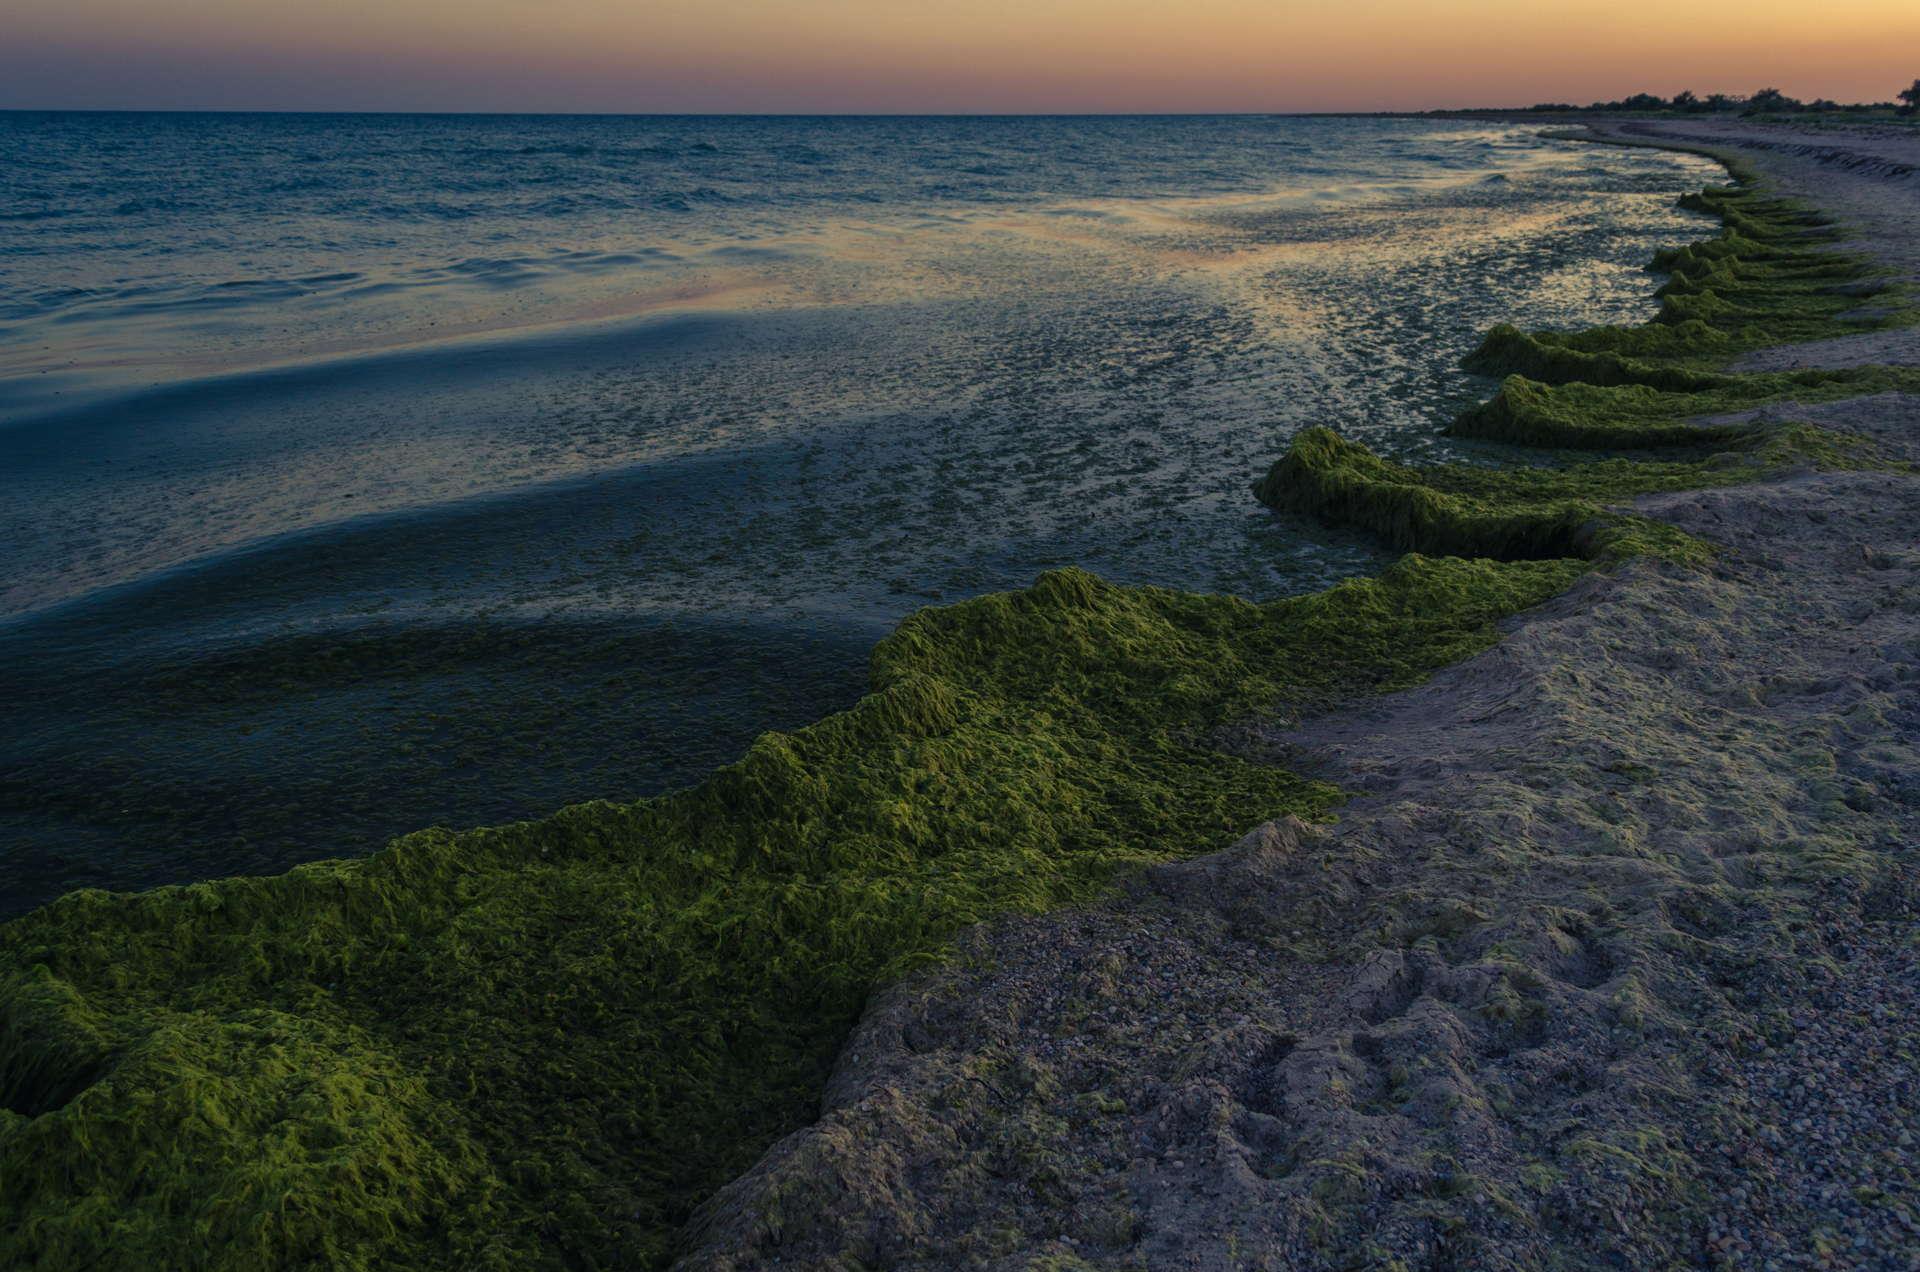 Остров Джарылгач - Украинские Мальдивы, джарылгач, украинские мальдивы, остров джарылгач, дикая природа джарылгача, закат на джарылгаче, джарылгачский национальный парк